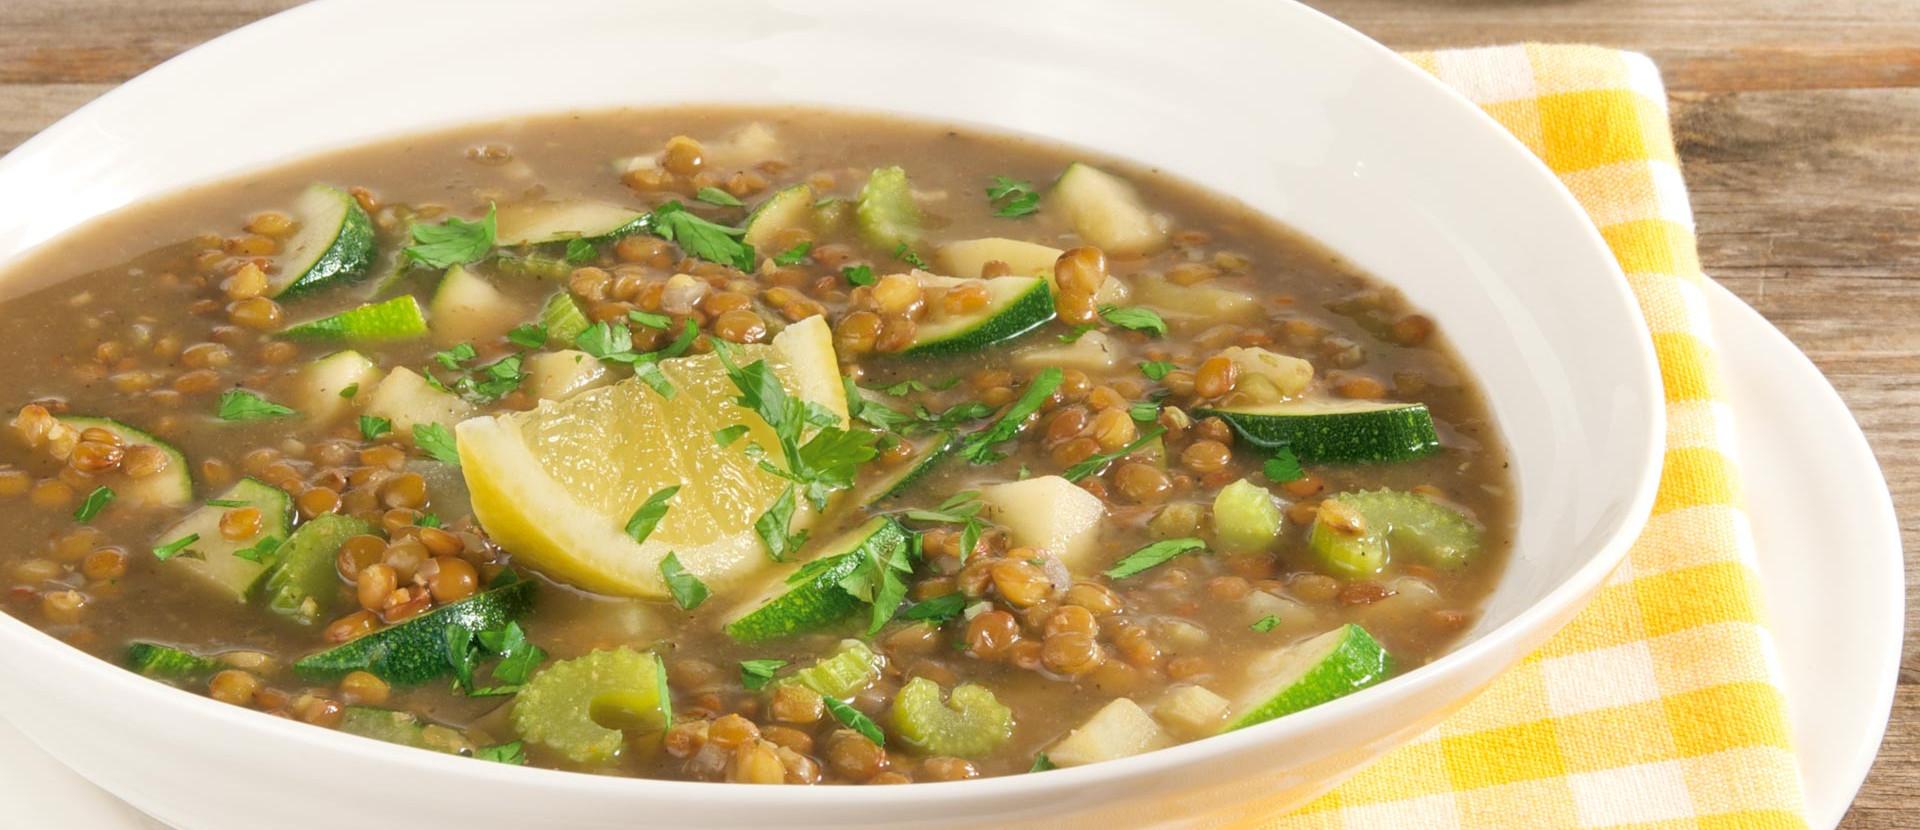 Linsen-Zucchini-Suppe mit Bio-Zitrone